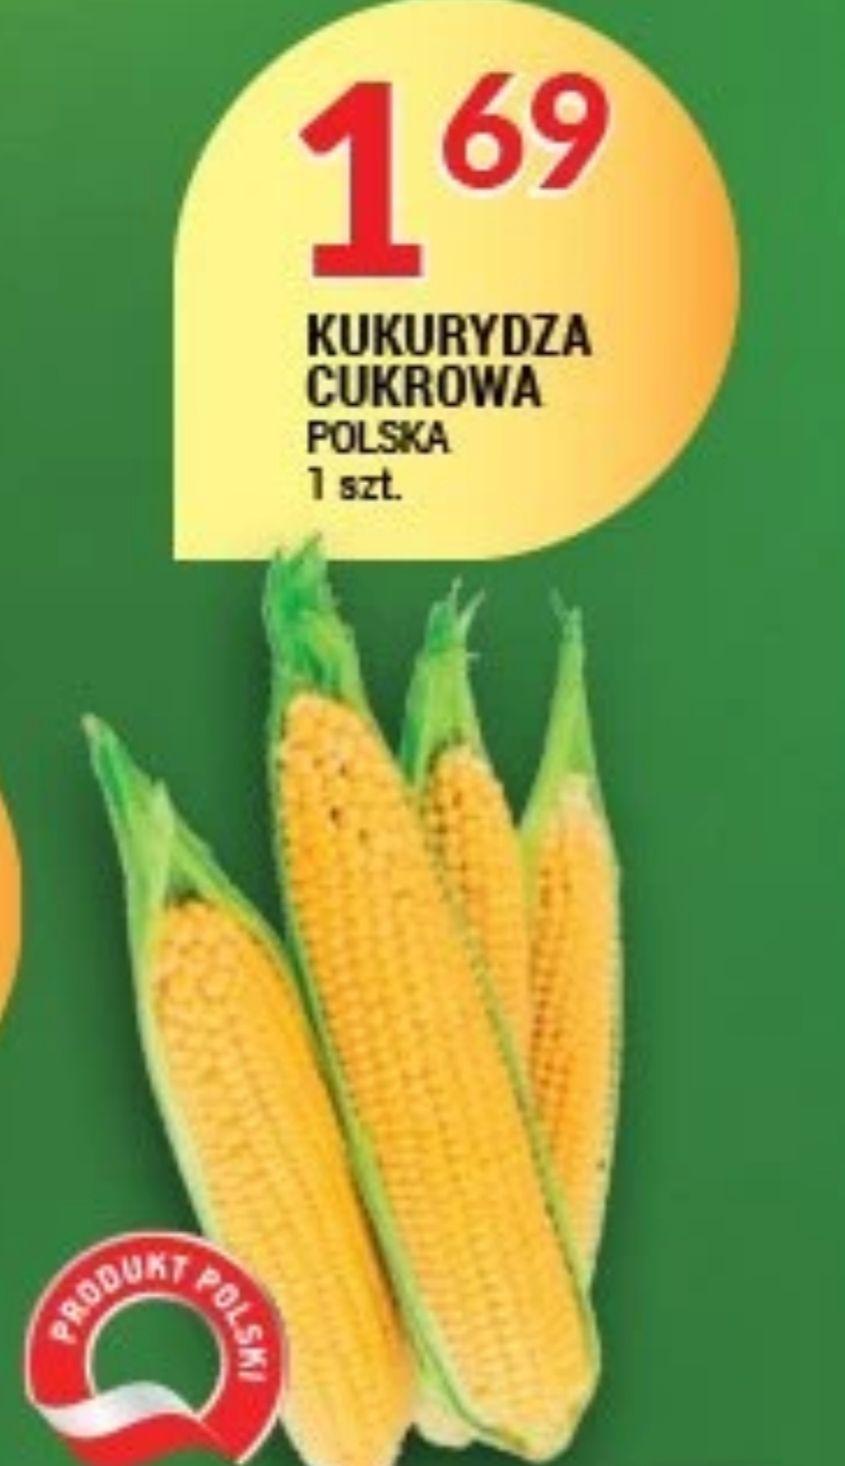 Kukurydza Cukrową Polska 1.69/1szt Piotr i Paweł  od 10 do 14